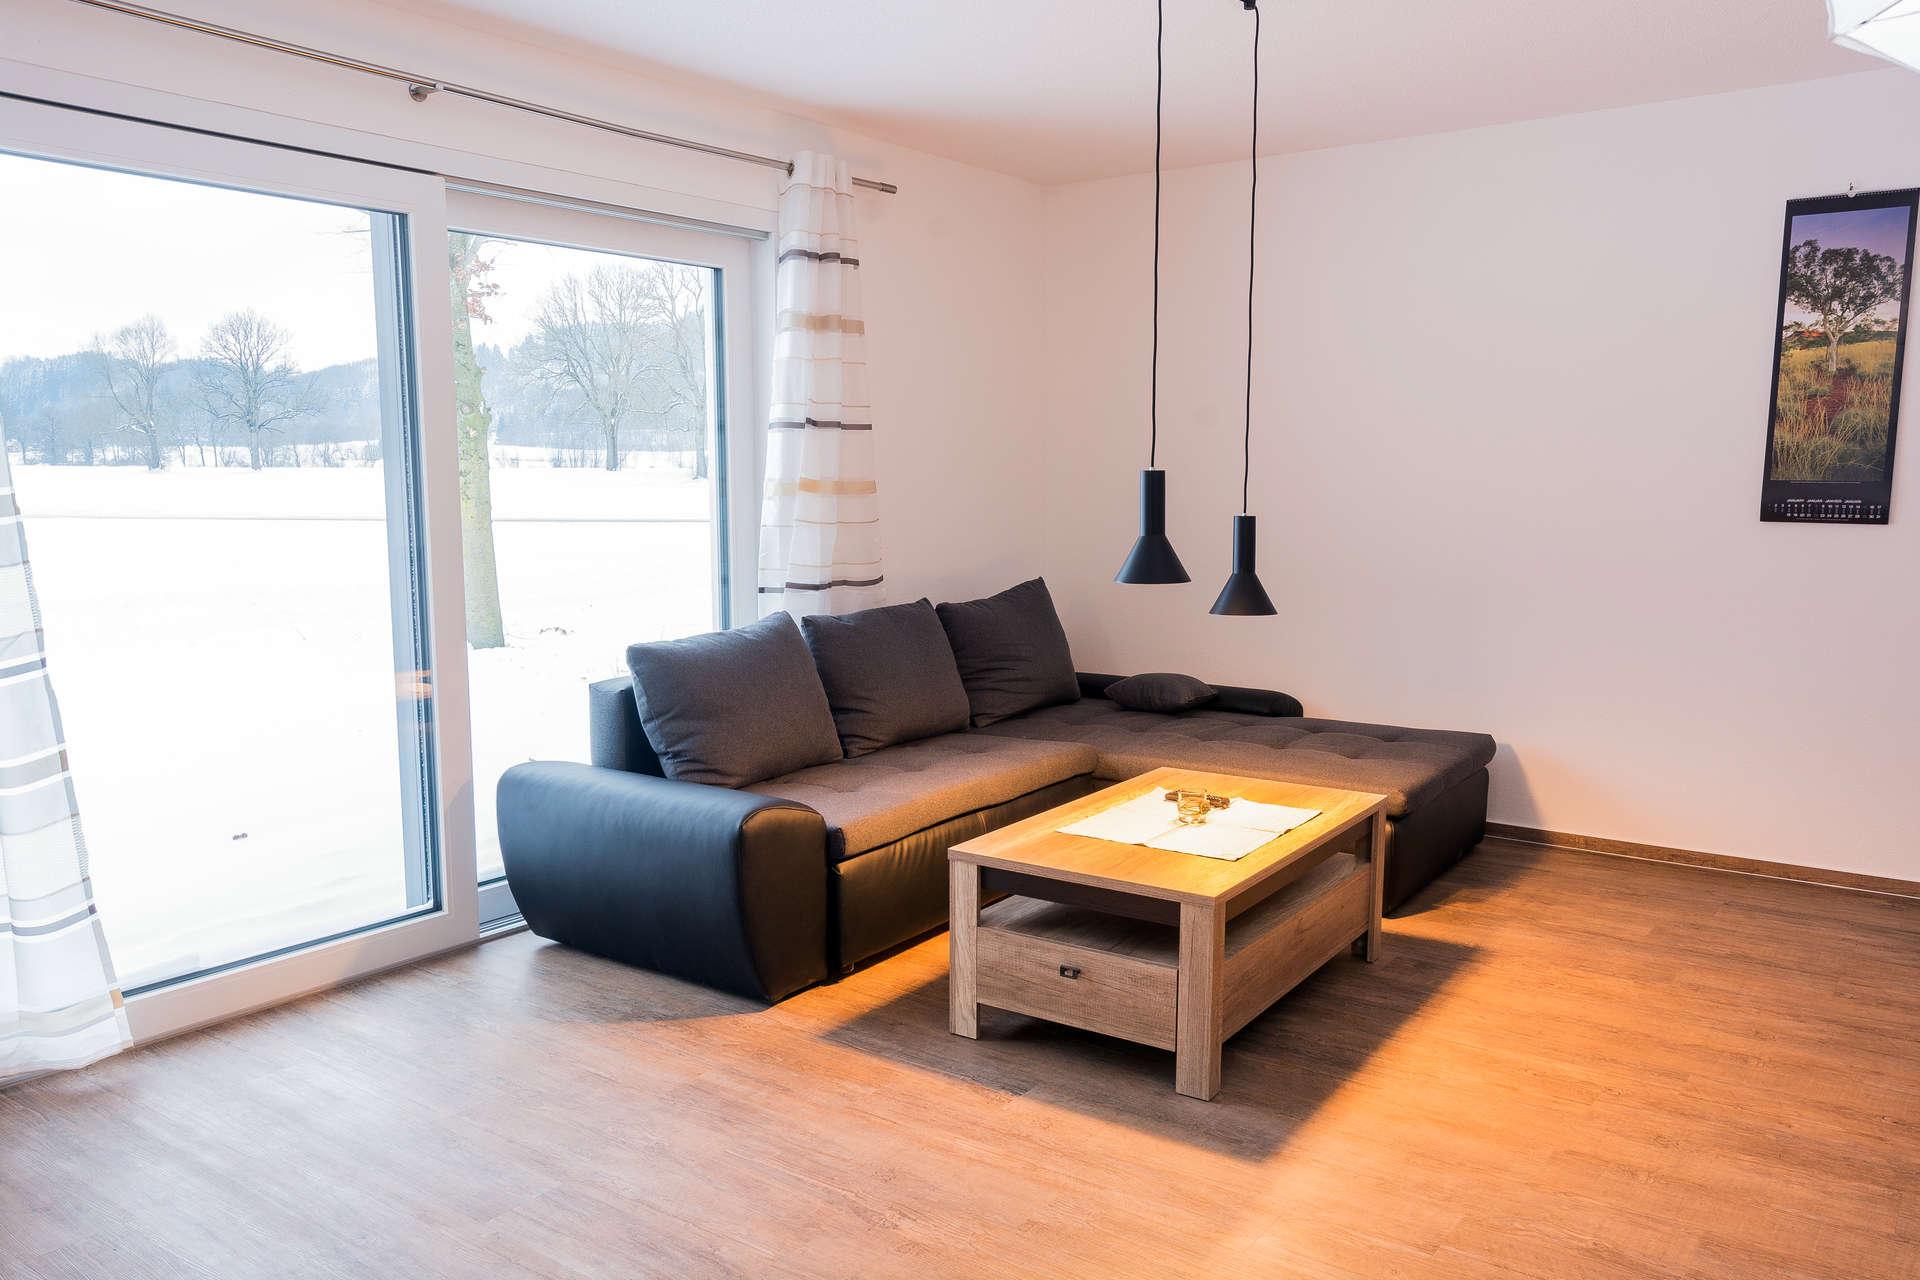 Sofaecke und Panoramafenster Wohnzimmer Biber 1